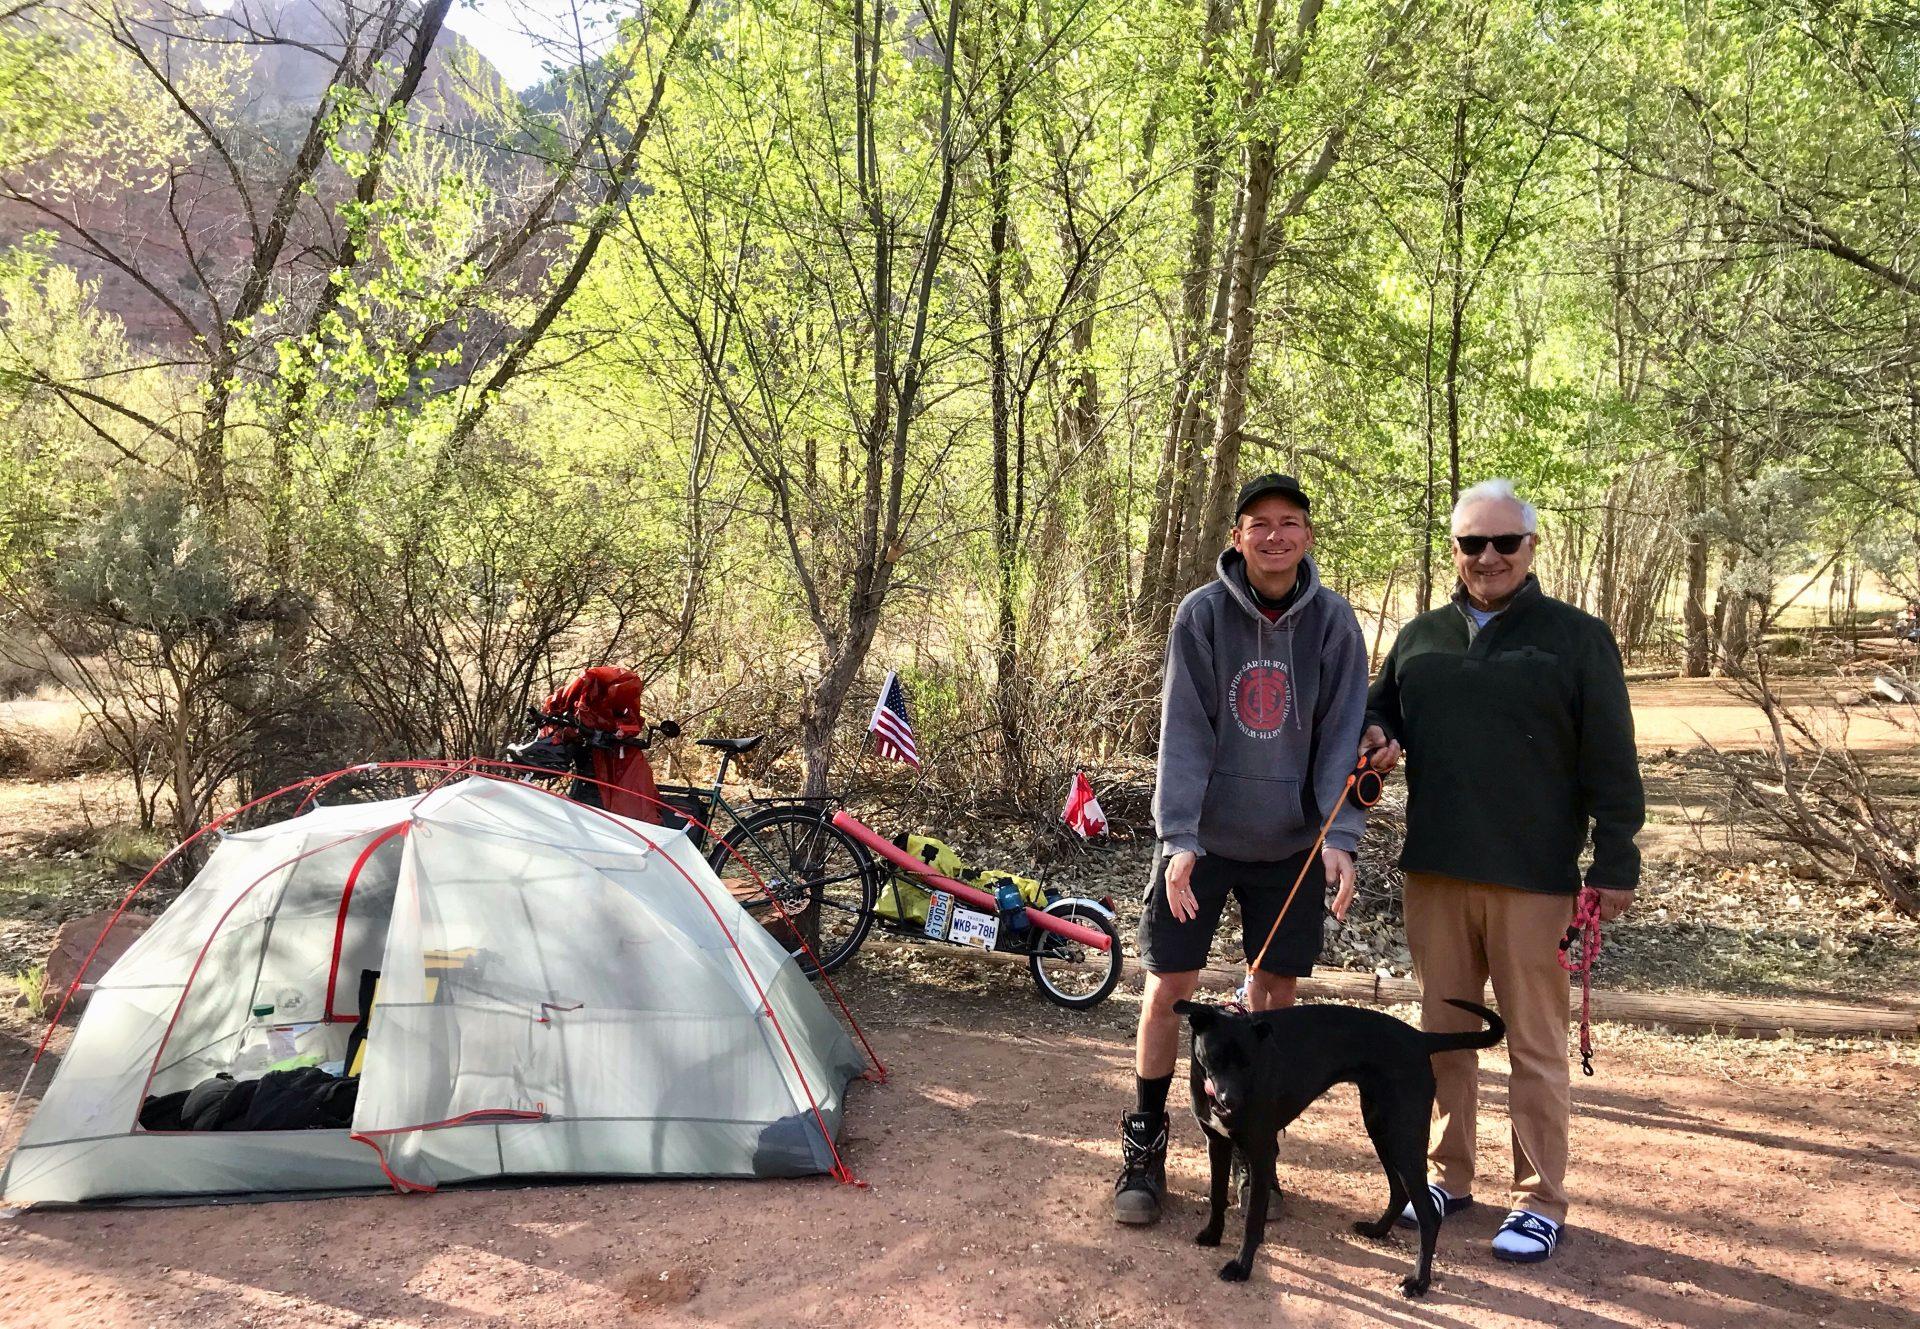 Joe & Liz Leenen with Winnie the wonder dog